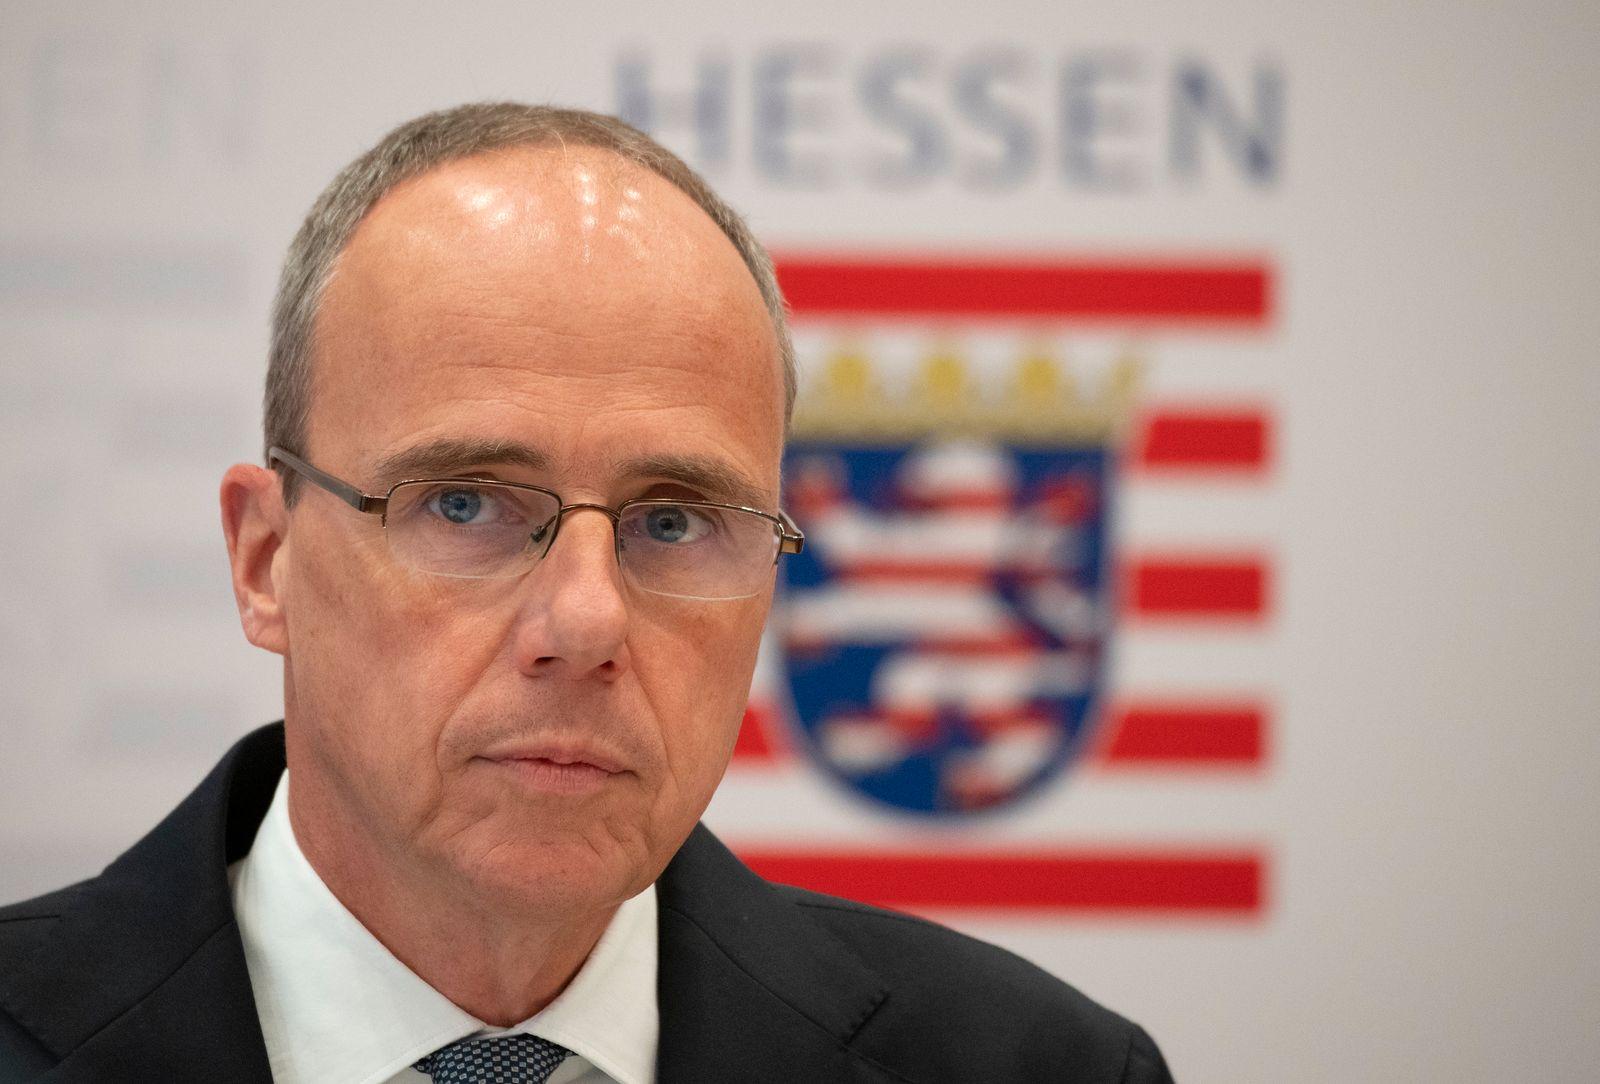 Innenminister von Hessen Beuth